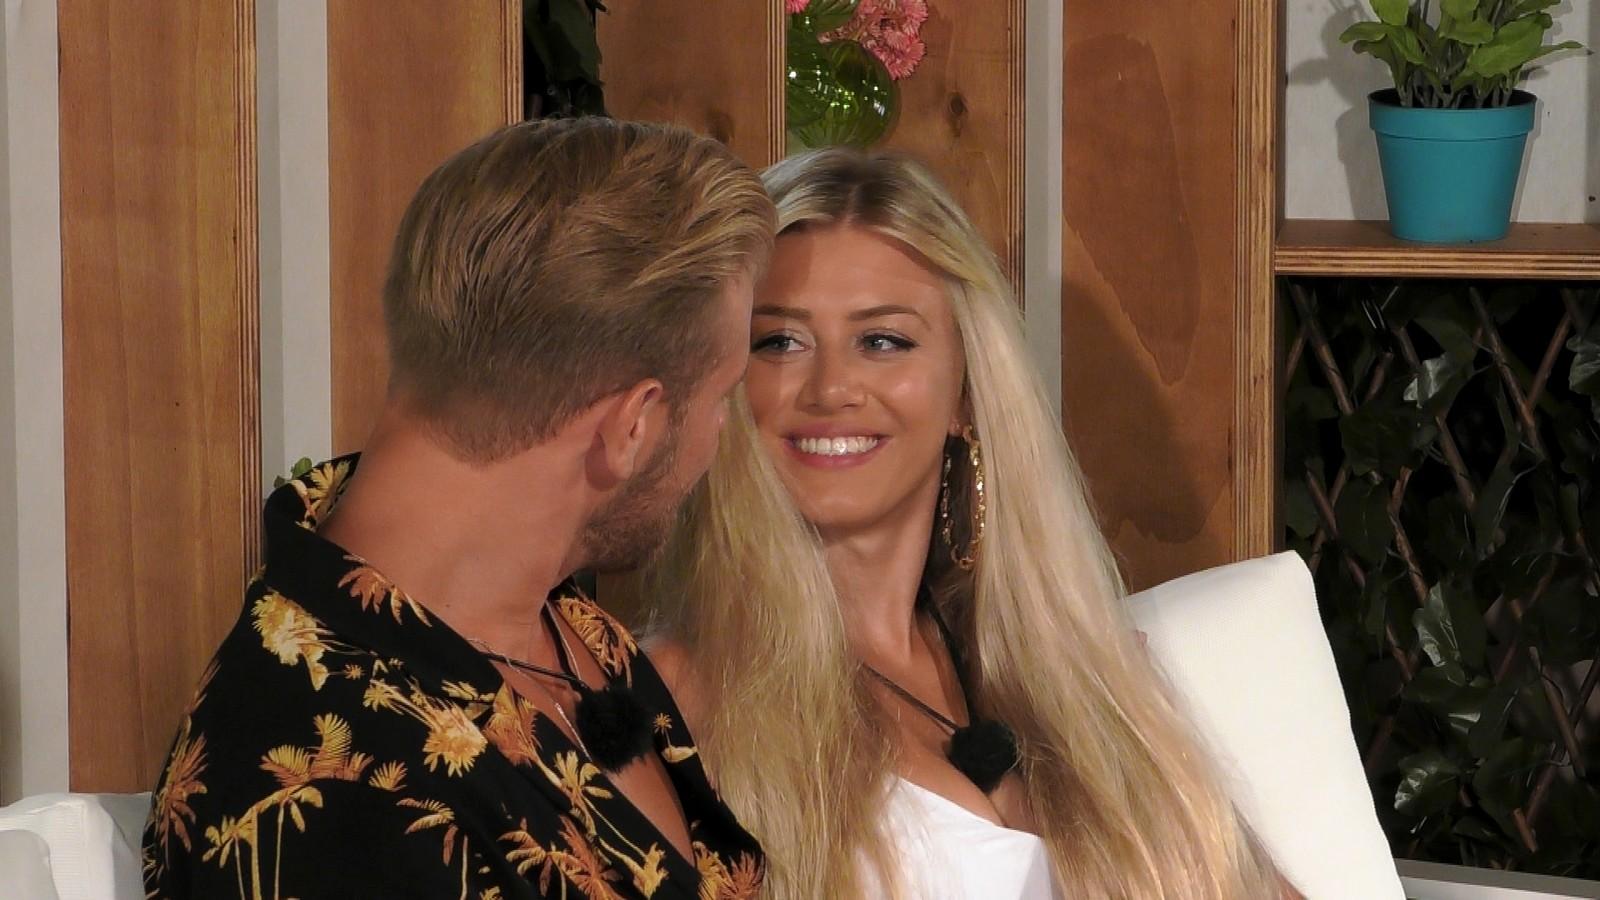 German Blonde macht es ihm mit Fuss und Hand